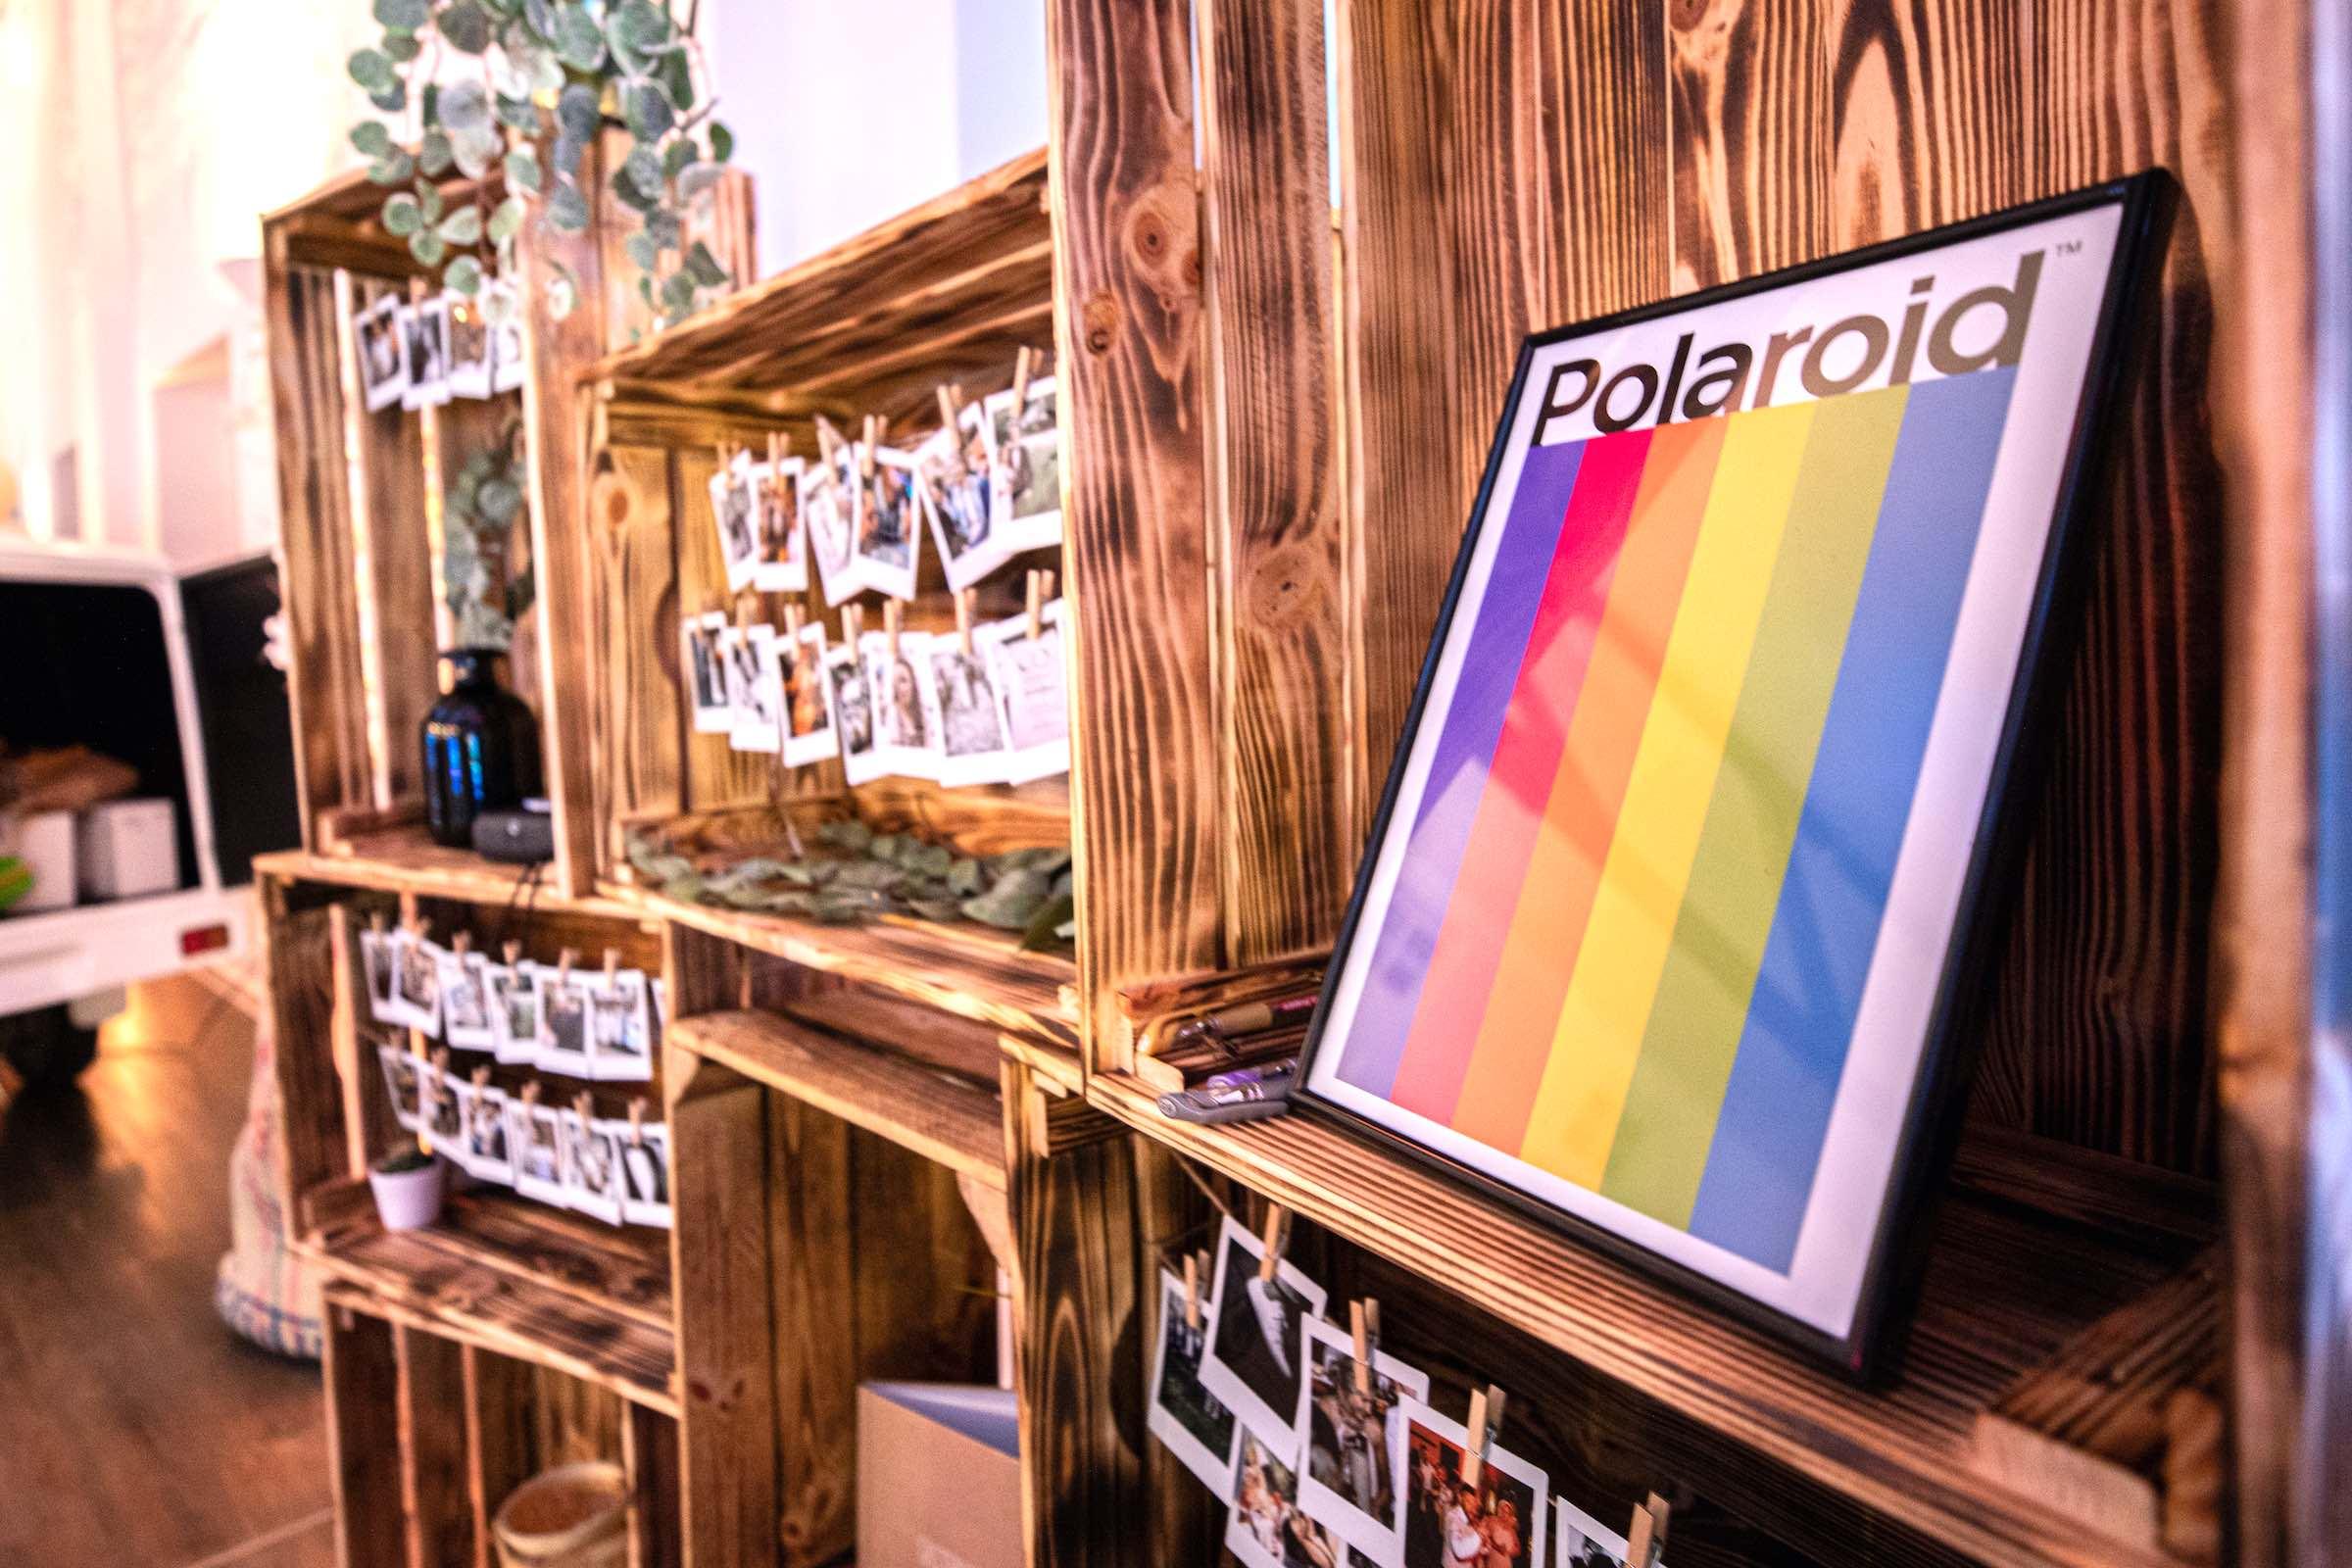 Instax | Kamera | Mieten | Polaroid | Set | Koffer | Bilder | Versand | Anfragen | Hochzeit | Sofortbildkamera | Lieferung | Versand | Knipsel